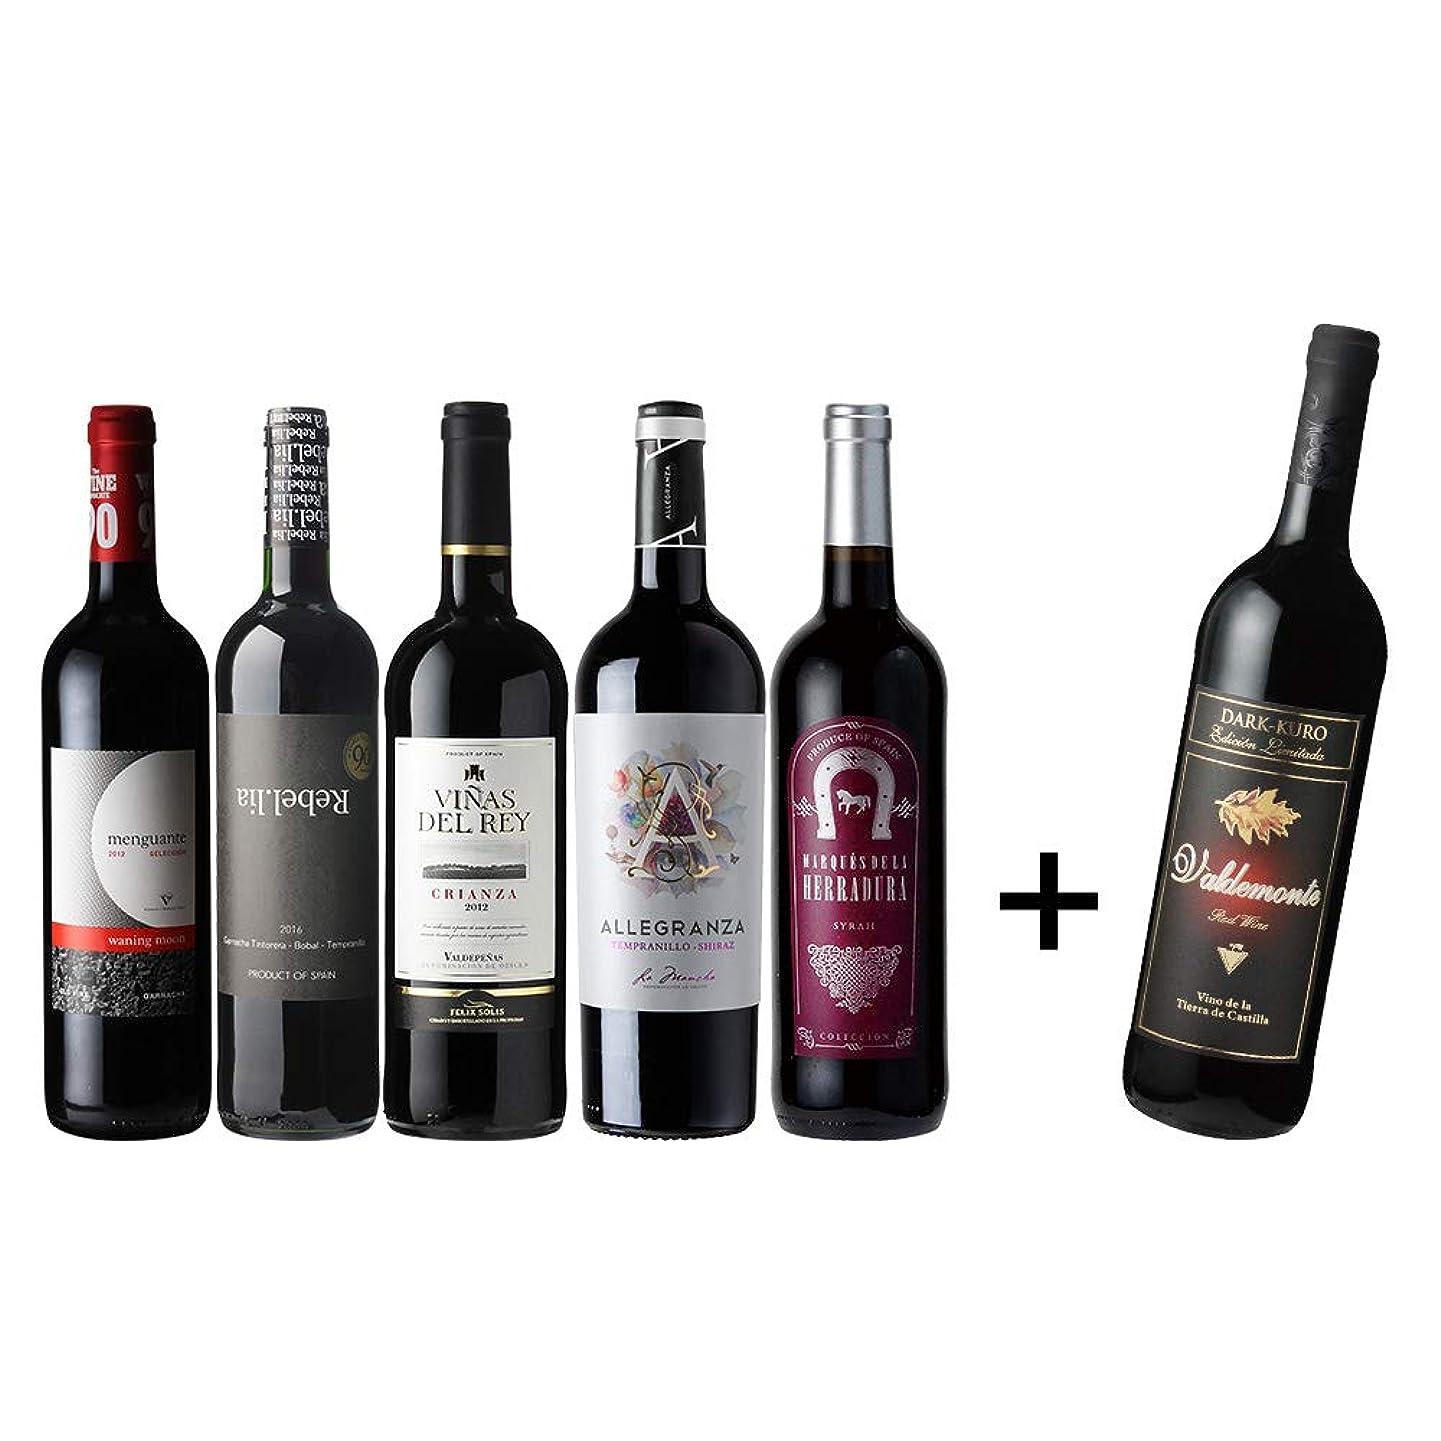 隔離スキームグリルコスパ最強 毎日飲めるデイリー赤ワイン 飲みくらべセット [ 750ml×6本 ]